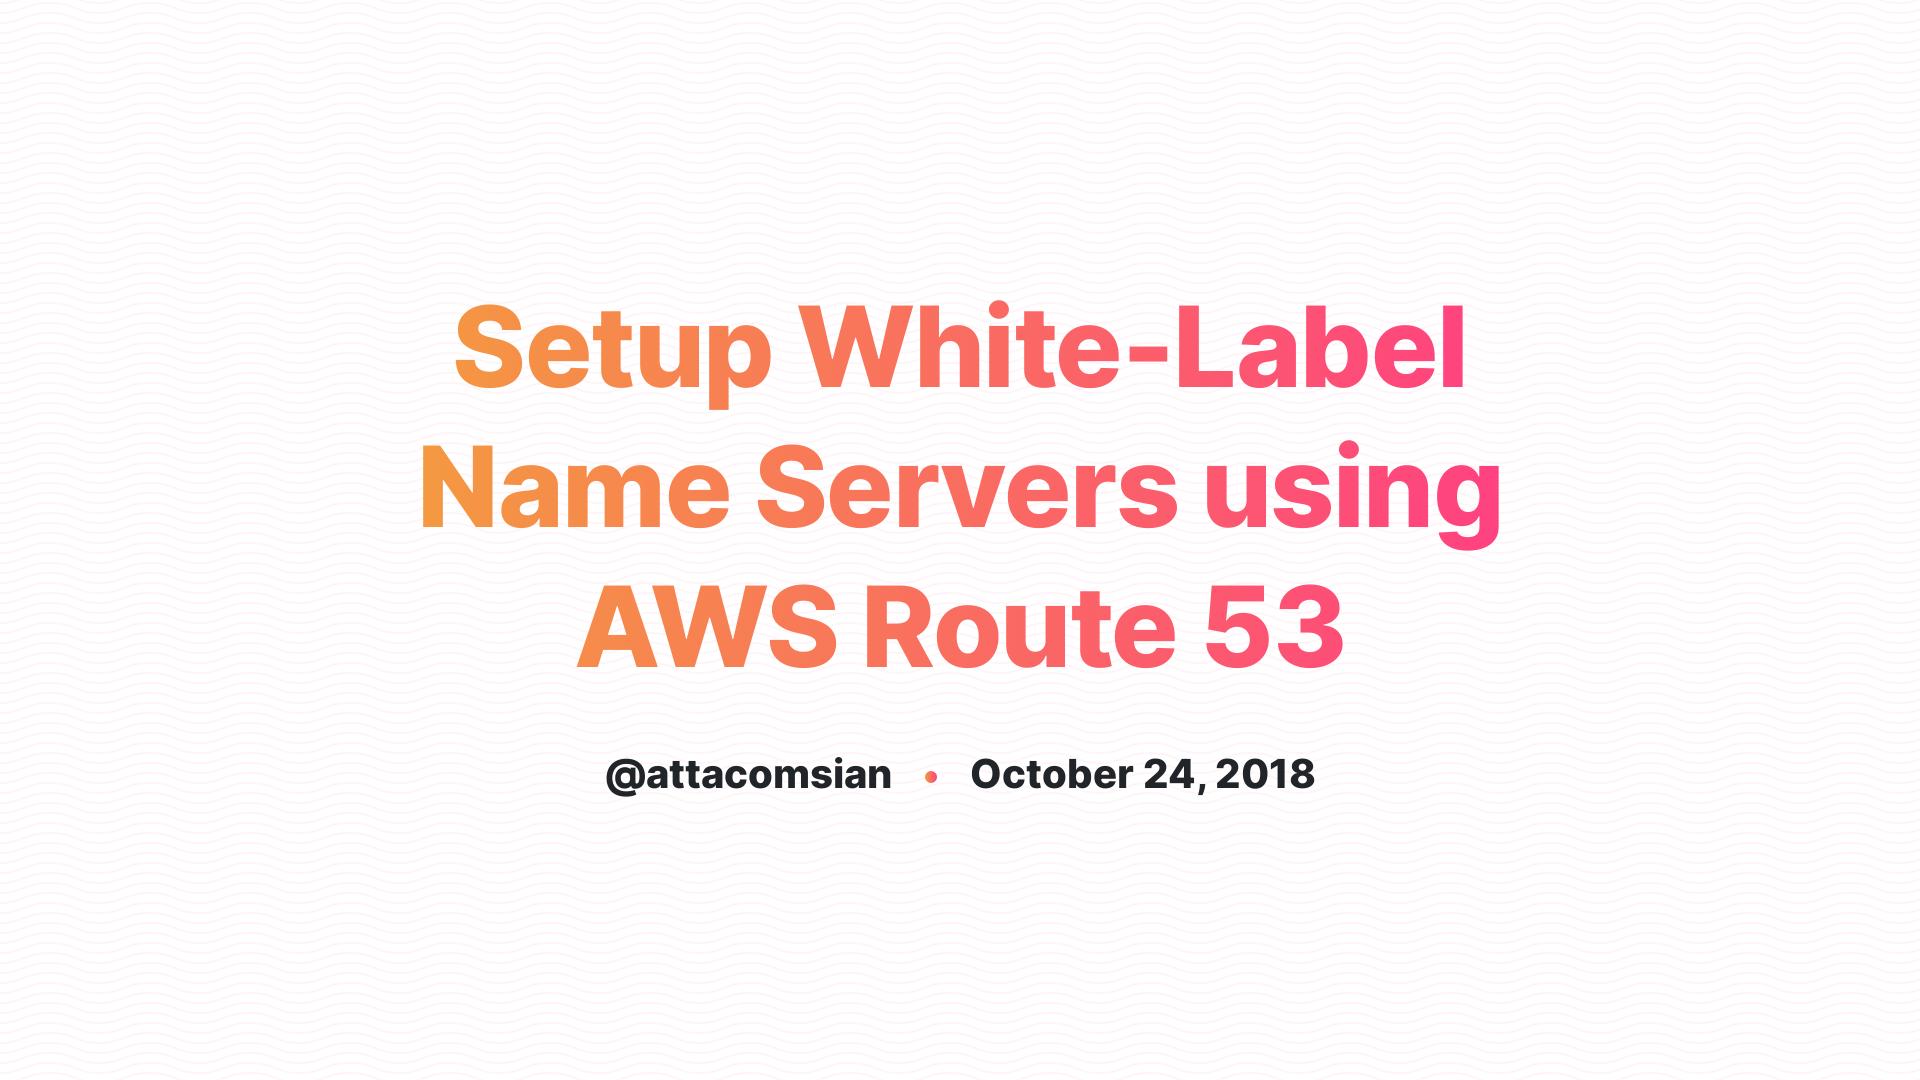 Setup White-Label Name Servers using AWS Route 53